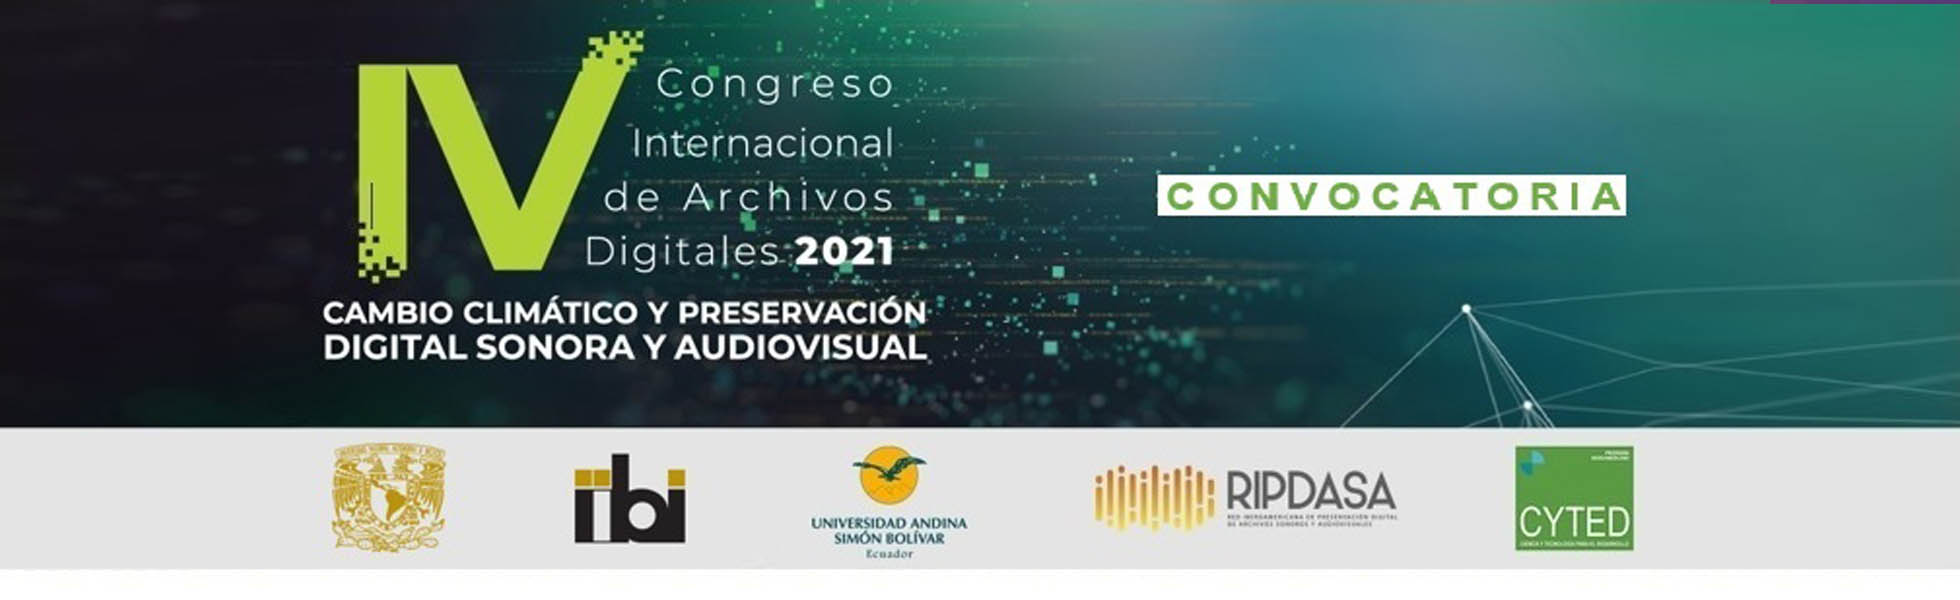 IV Congreso Internacional de Archivos Digitales